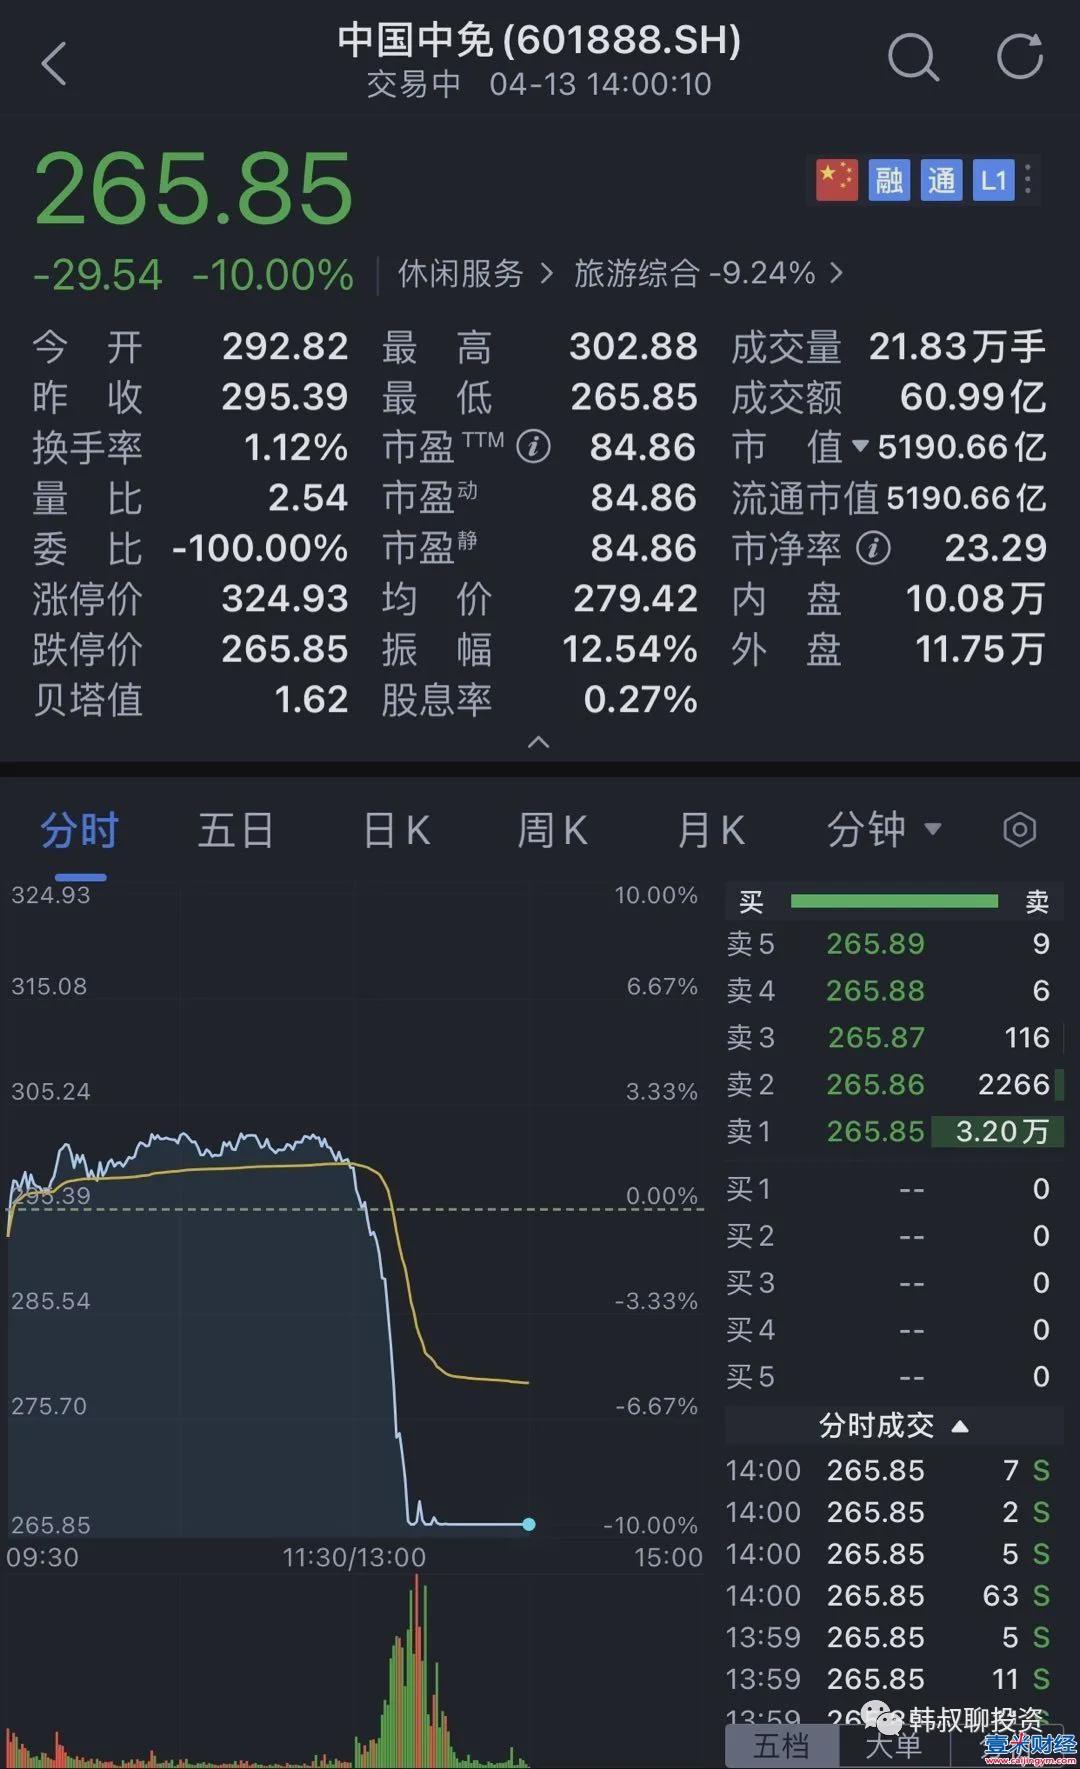 中国中免闪崩,A股里必须解决三大不合理